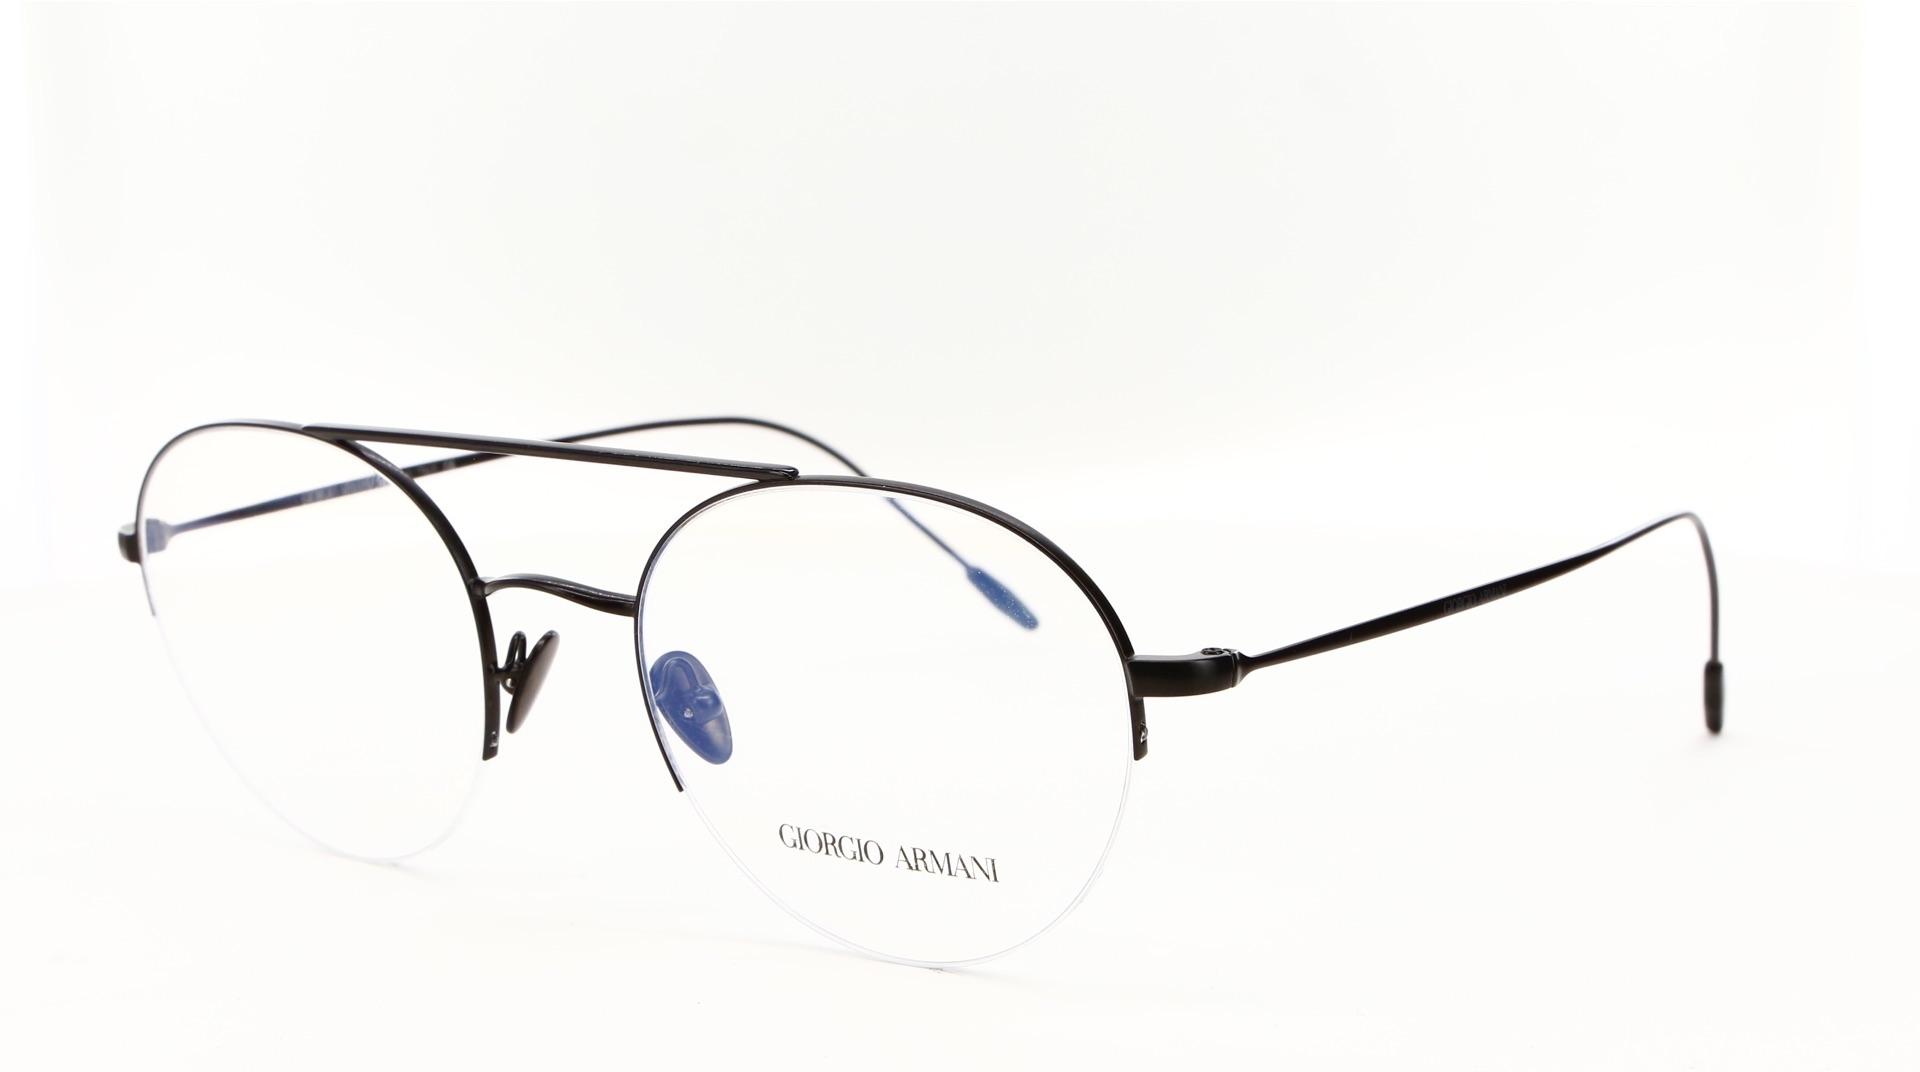 Giorgio Armani - ref: 78593